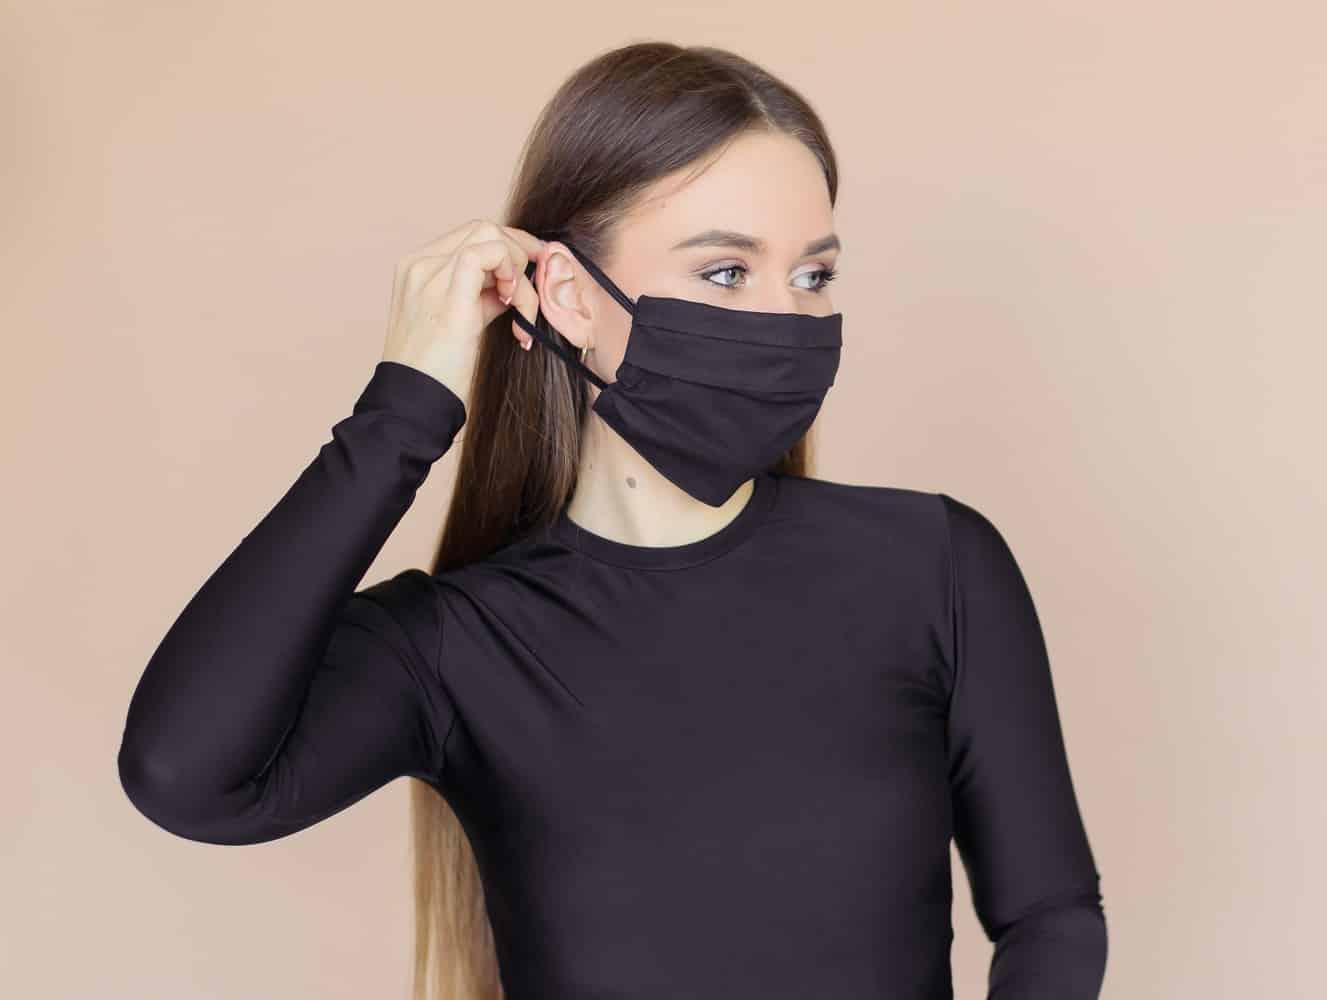 comment entretenir votre masque